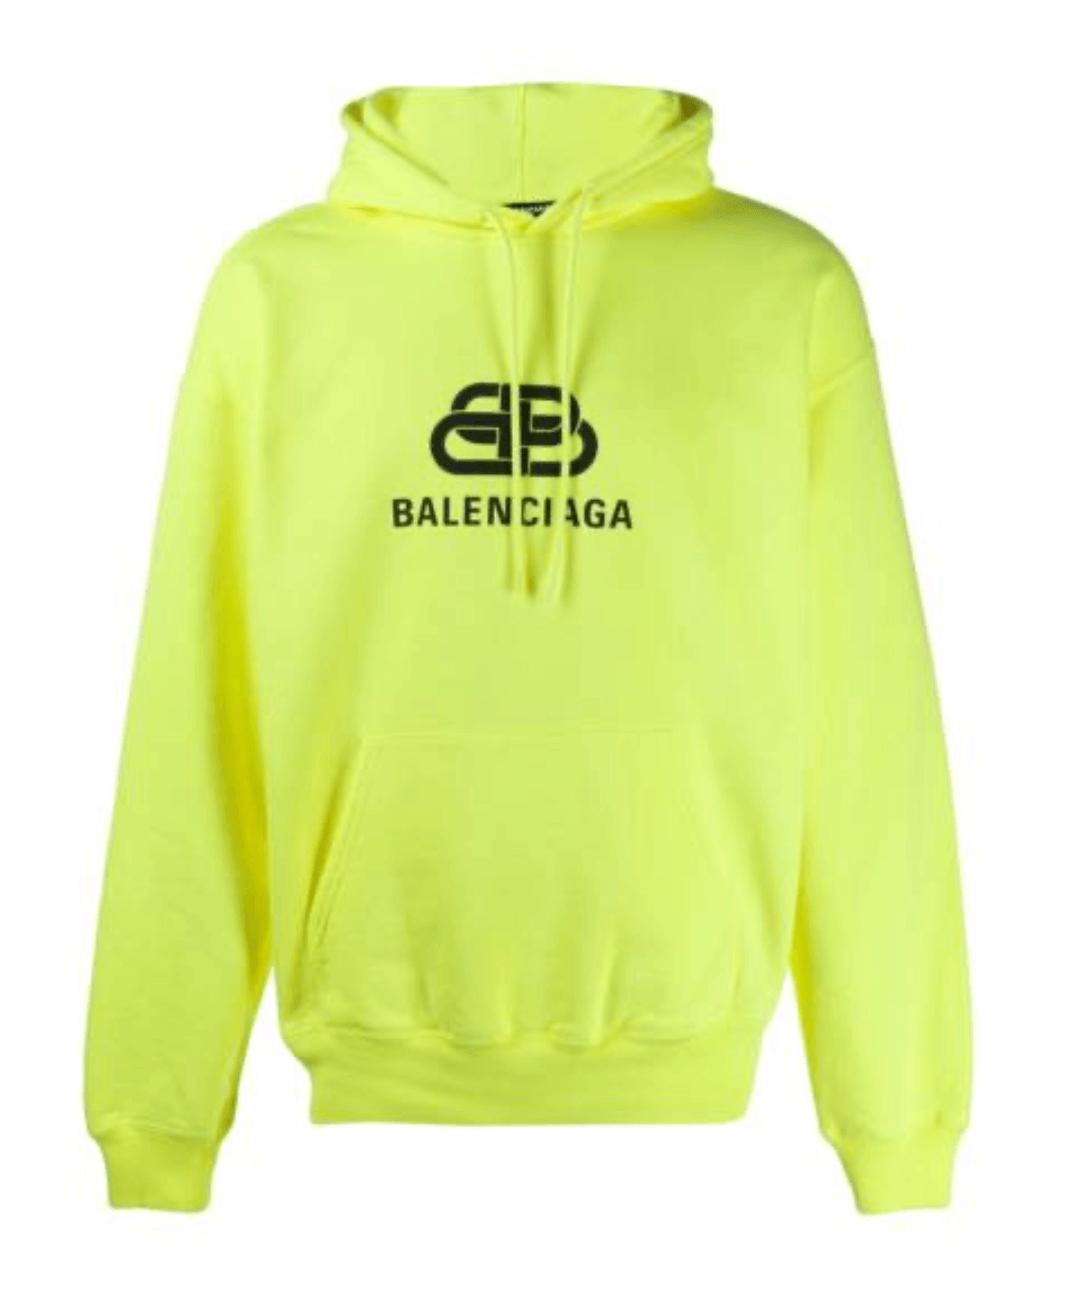 Balenciaga-Hoodie-Herren-Neongelb